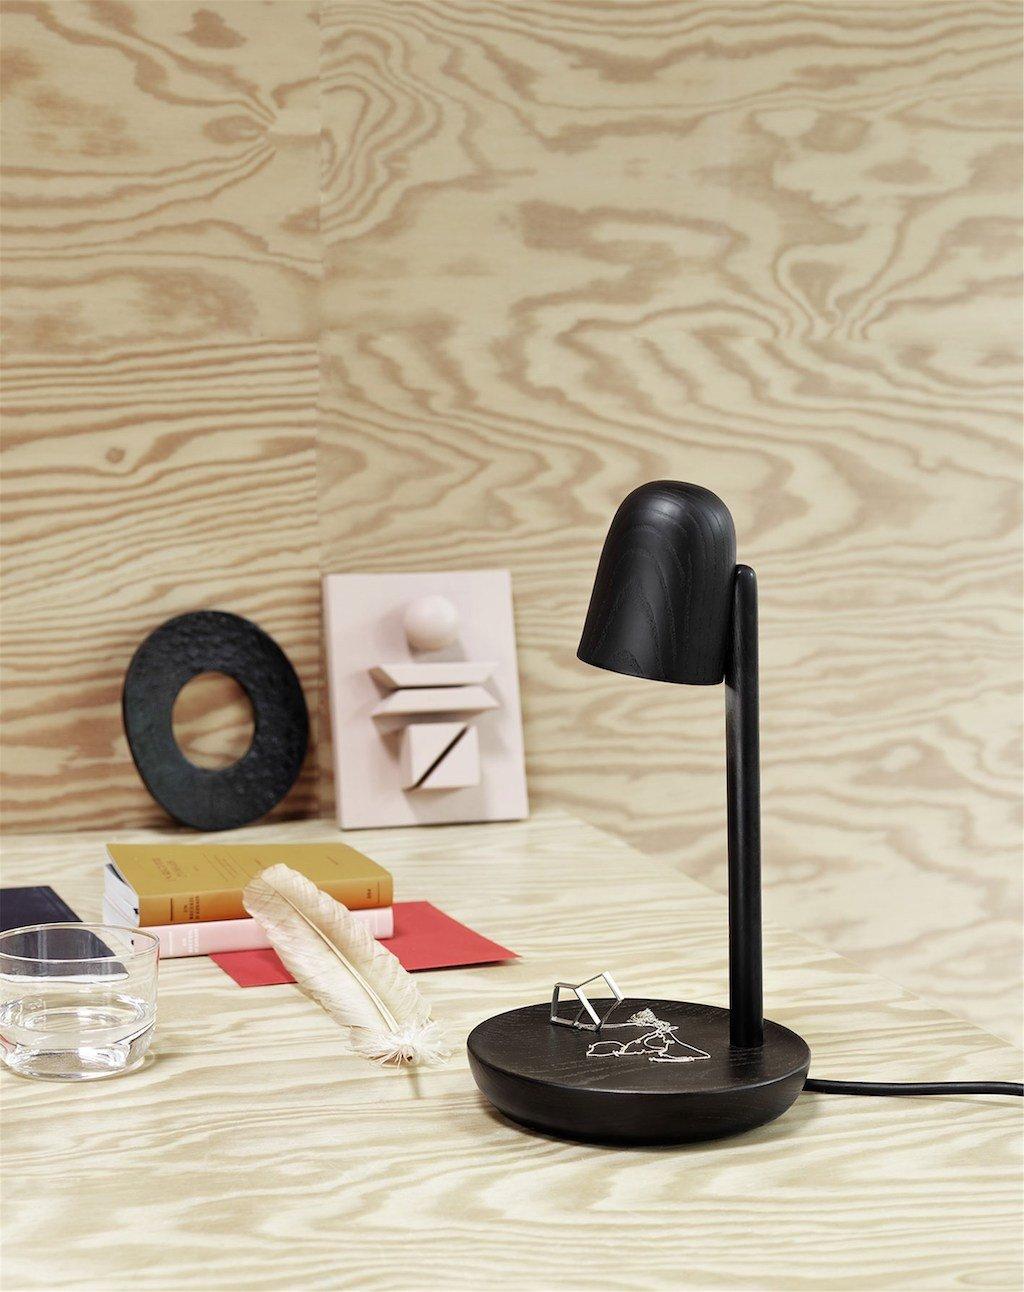 Muuto Focus Leuchte in schwarzer Esche ist eine der Leuchten im Pilz-Design